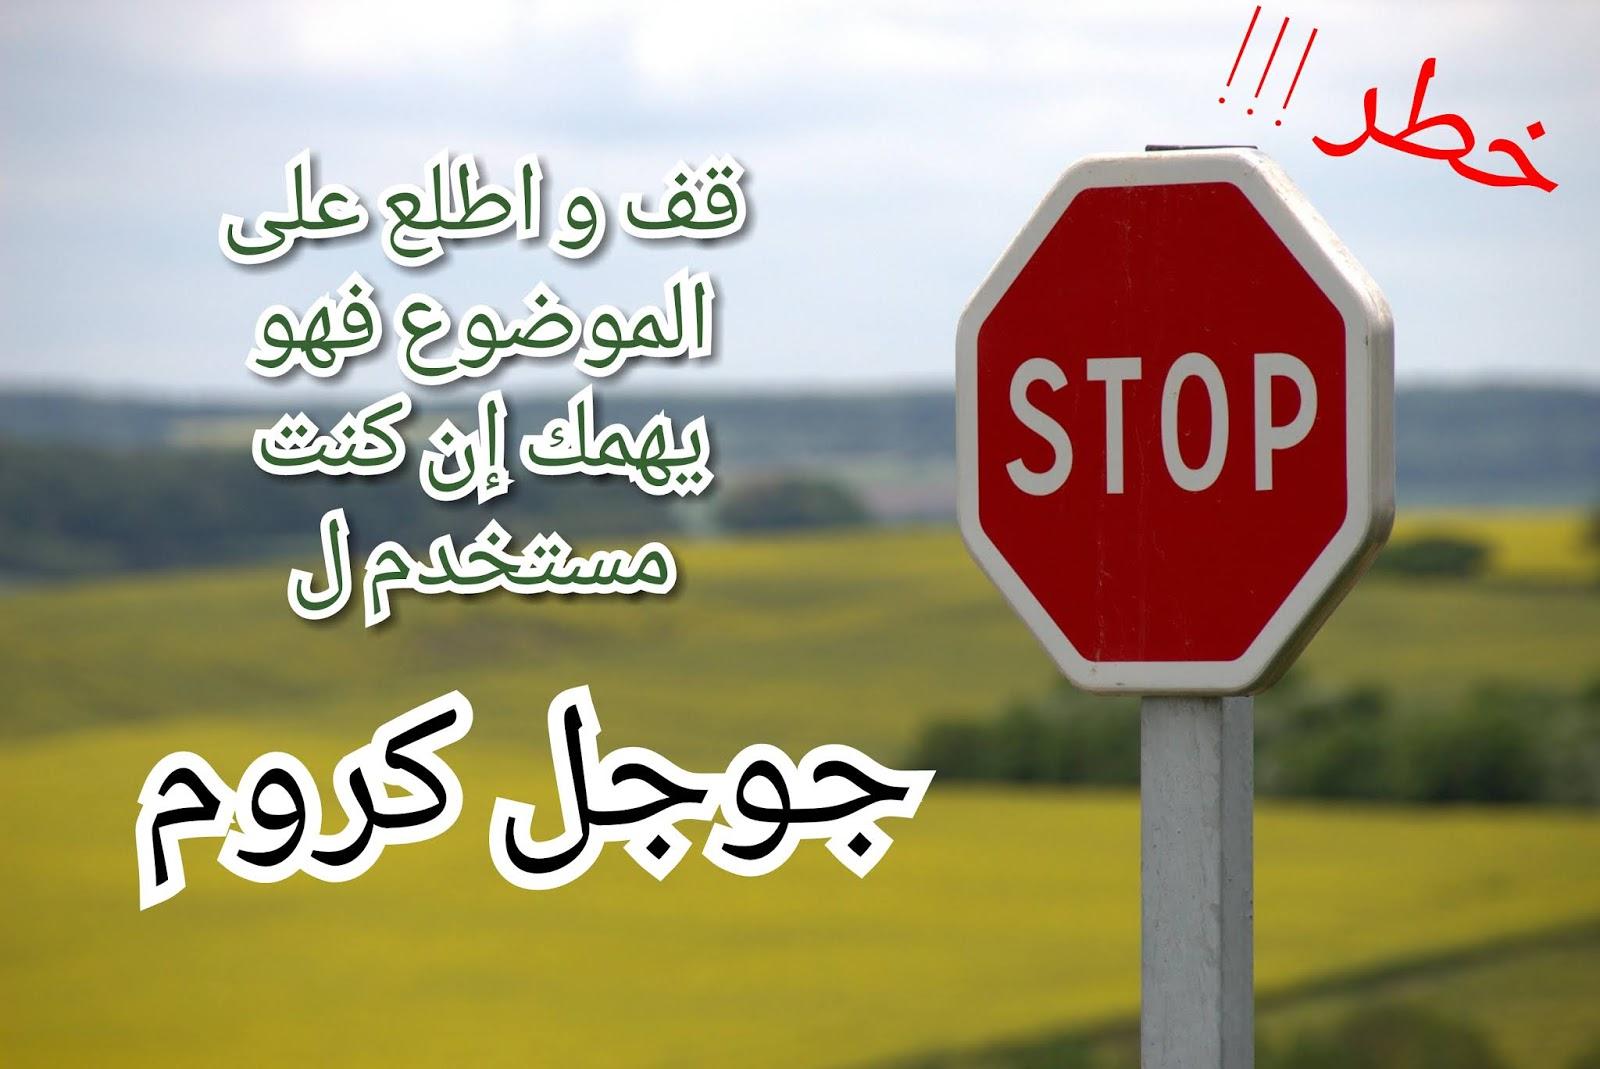 إحمي نفسك من المواقع المشتبه بها فالأمر خطير جدا !